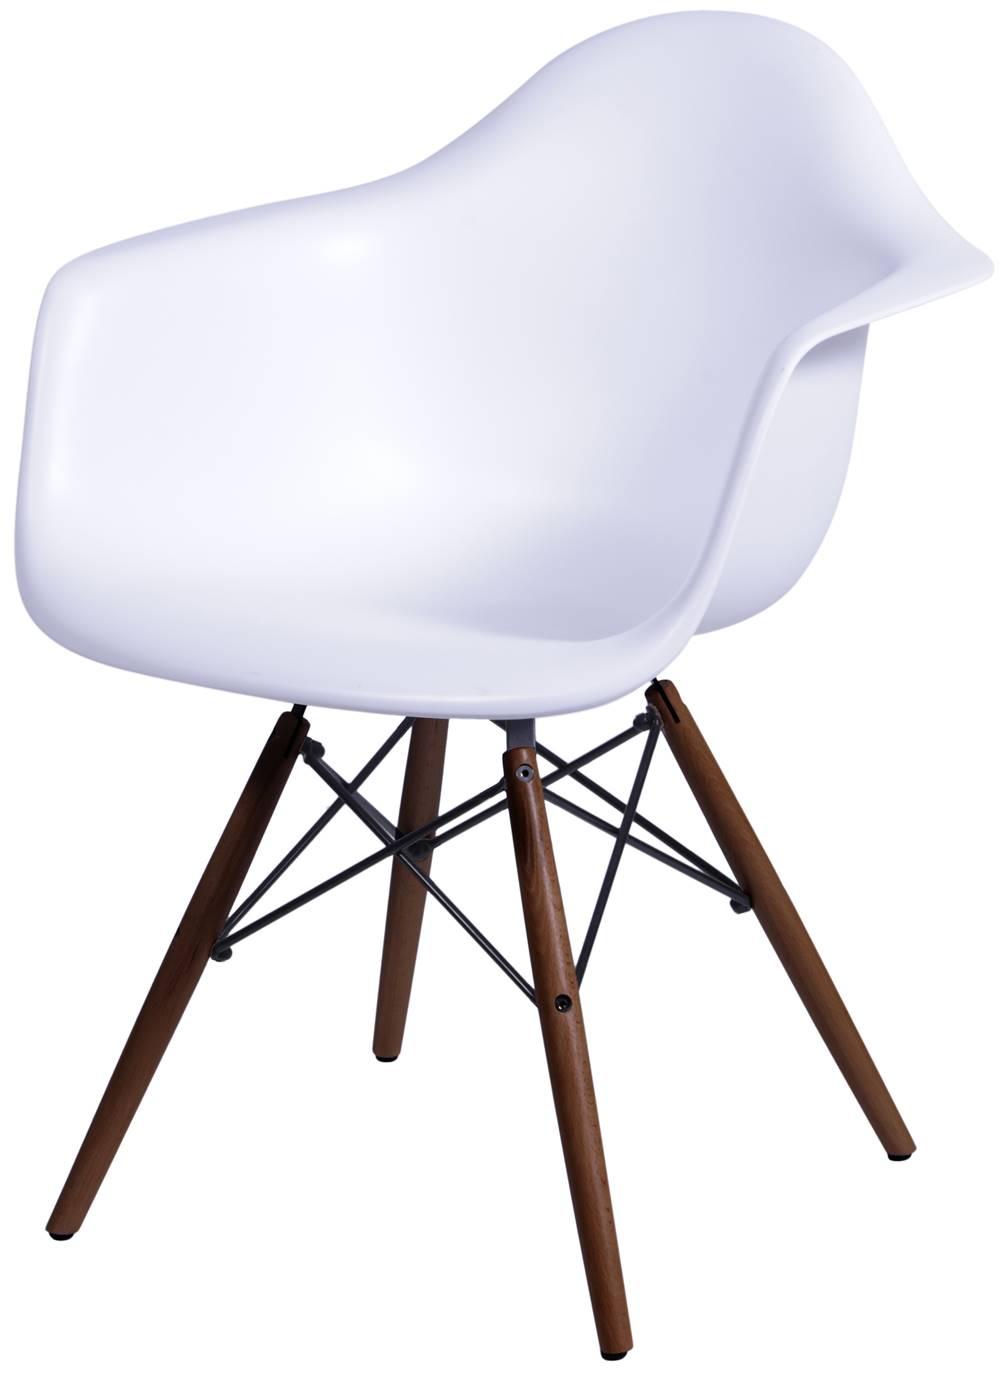 Cadeira Eames com Braco Base Escura Branco Fosco - 44881